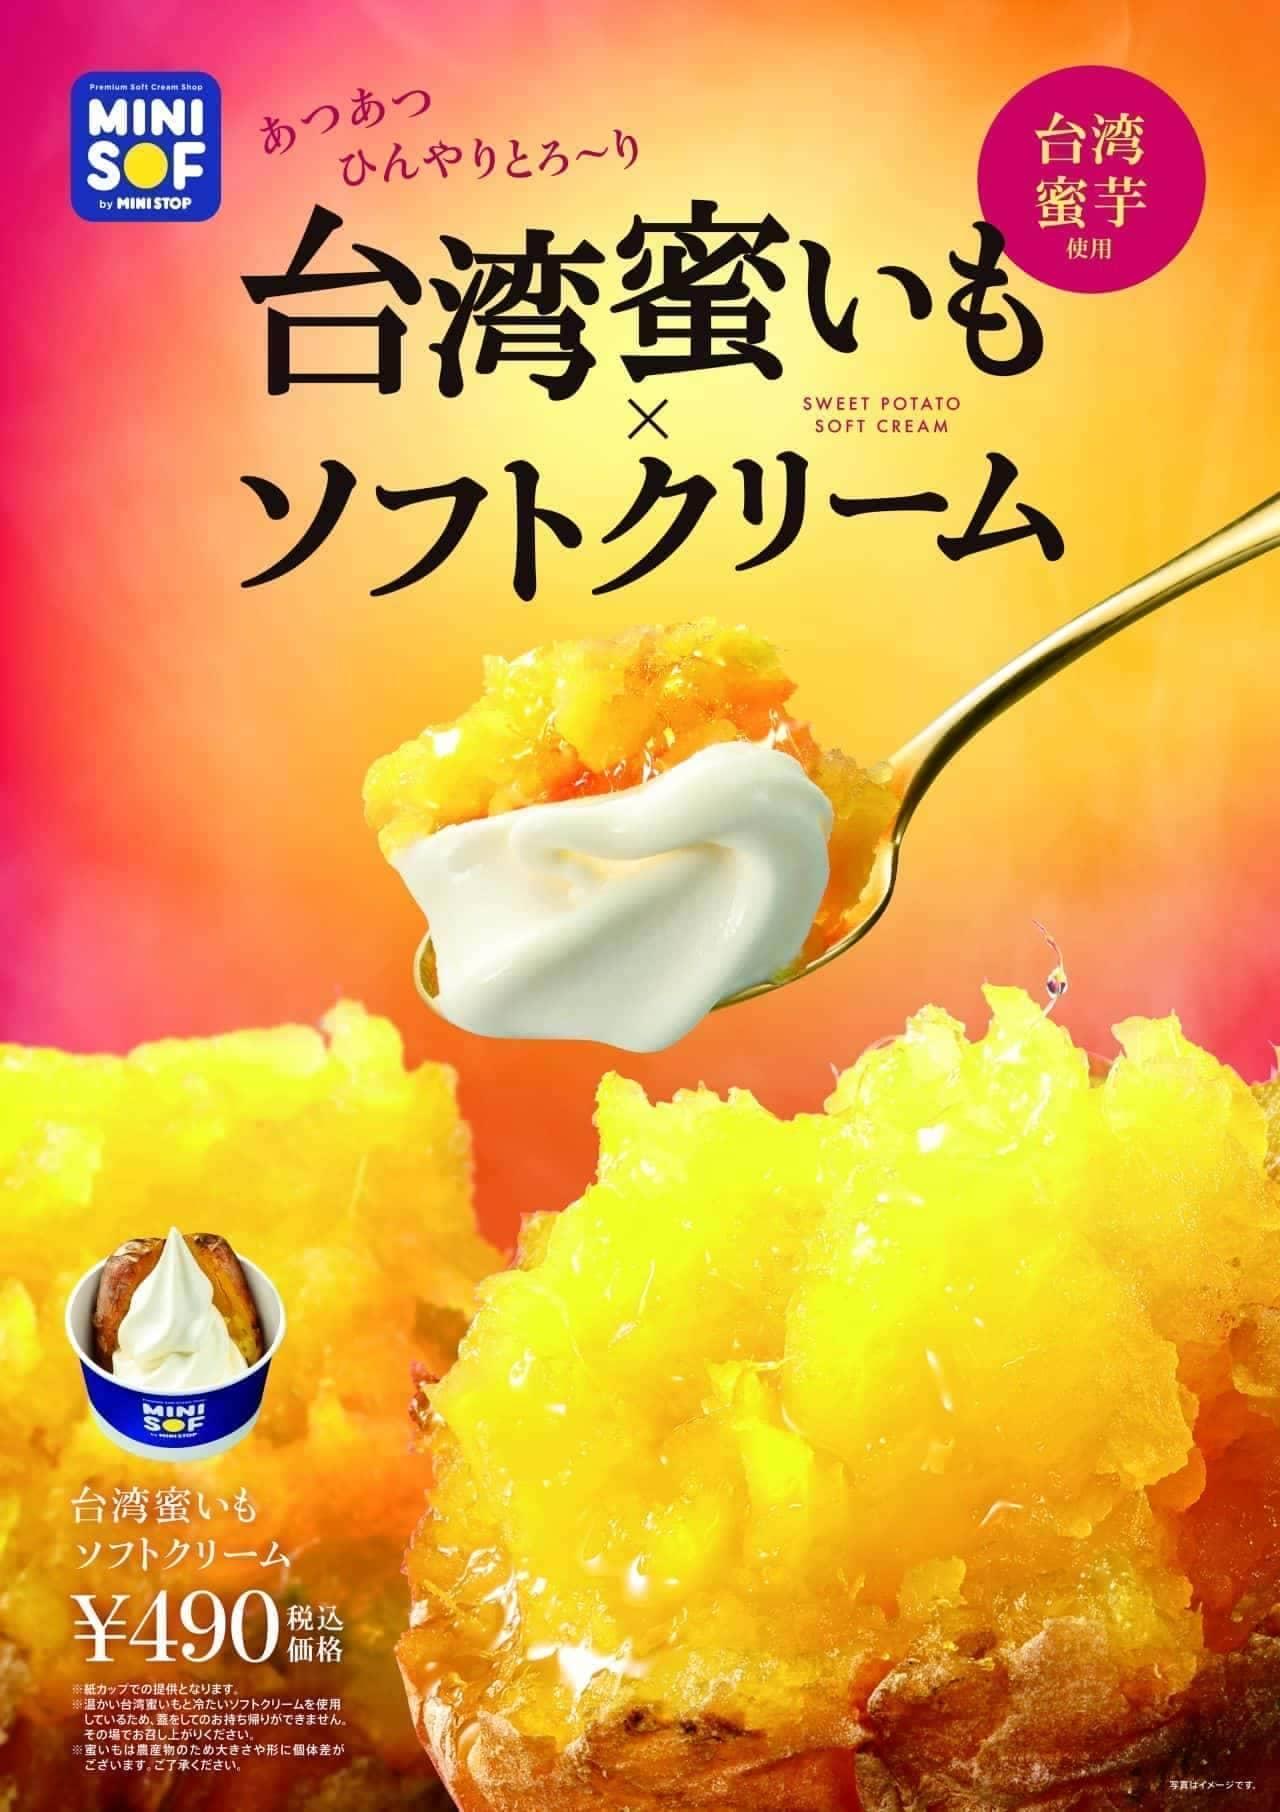 ミニソフ「台湾蜜いもソフトクリーム」